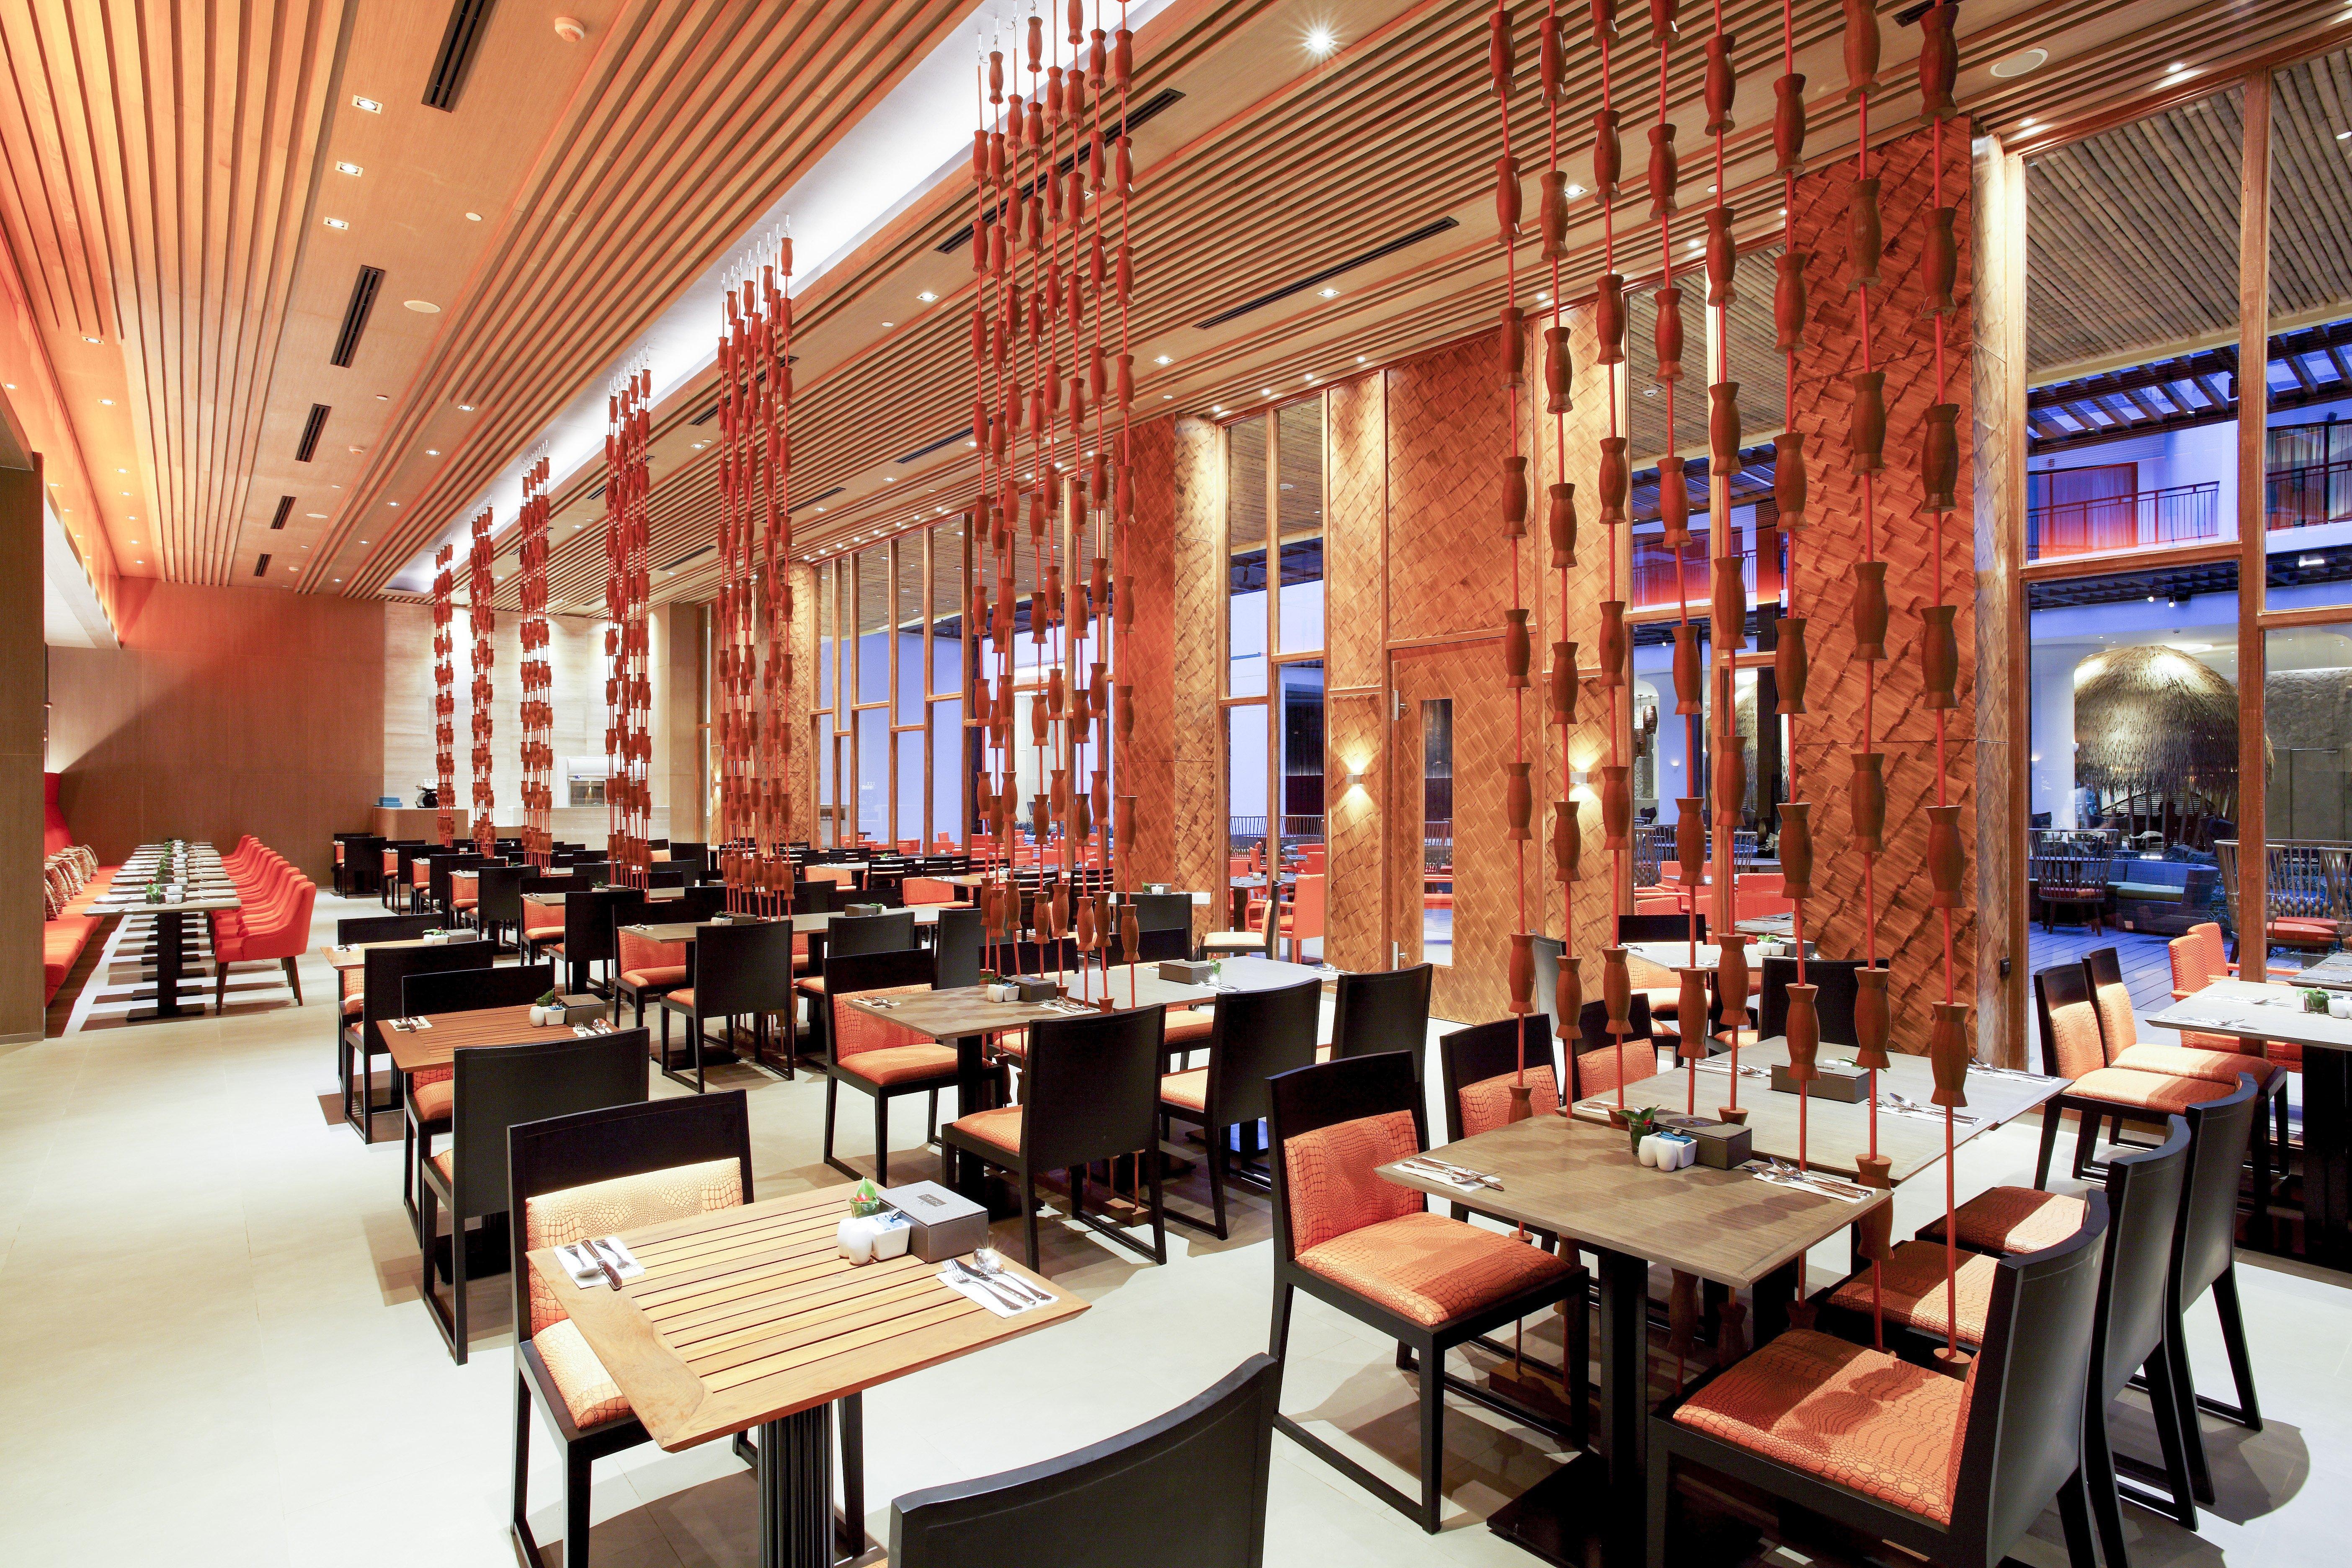 cmj-mix-bistro-restaurant-02.jpg